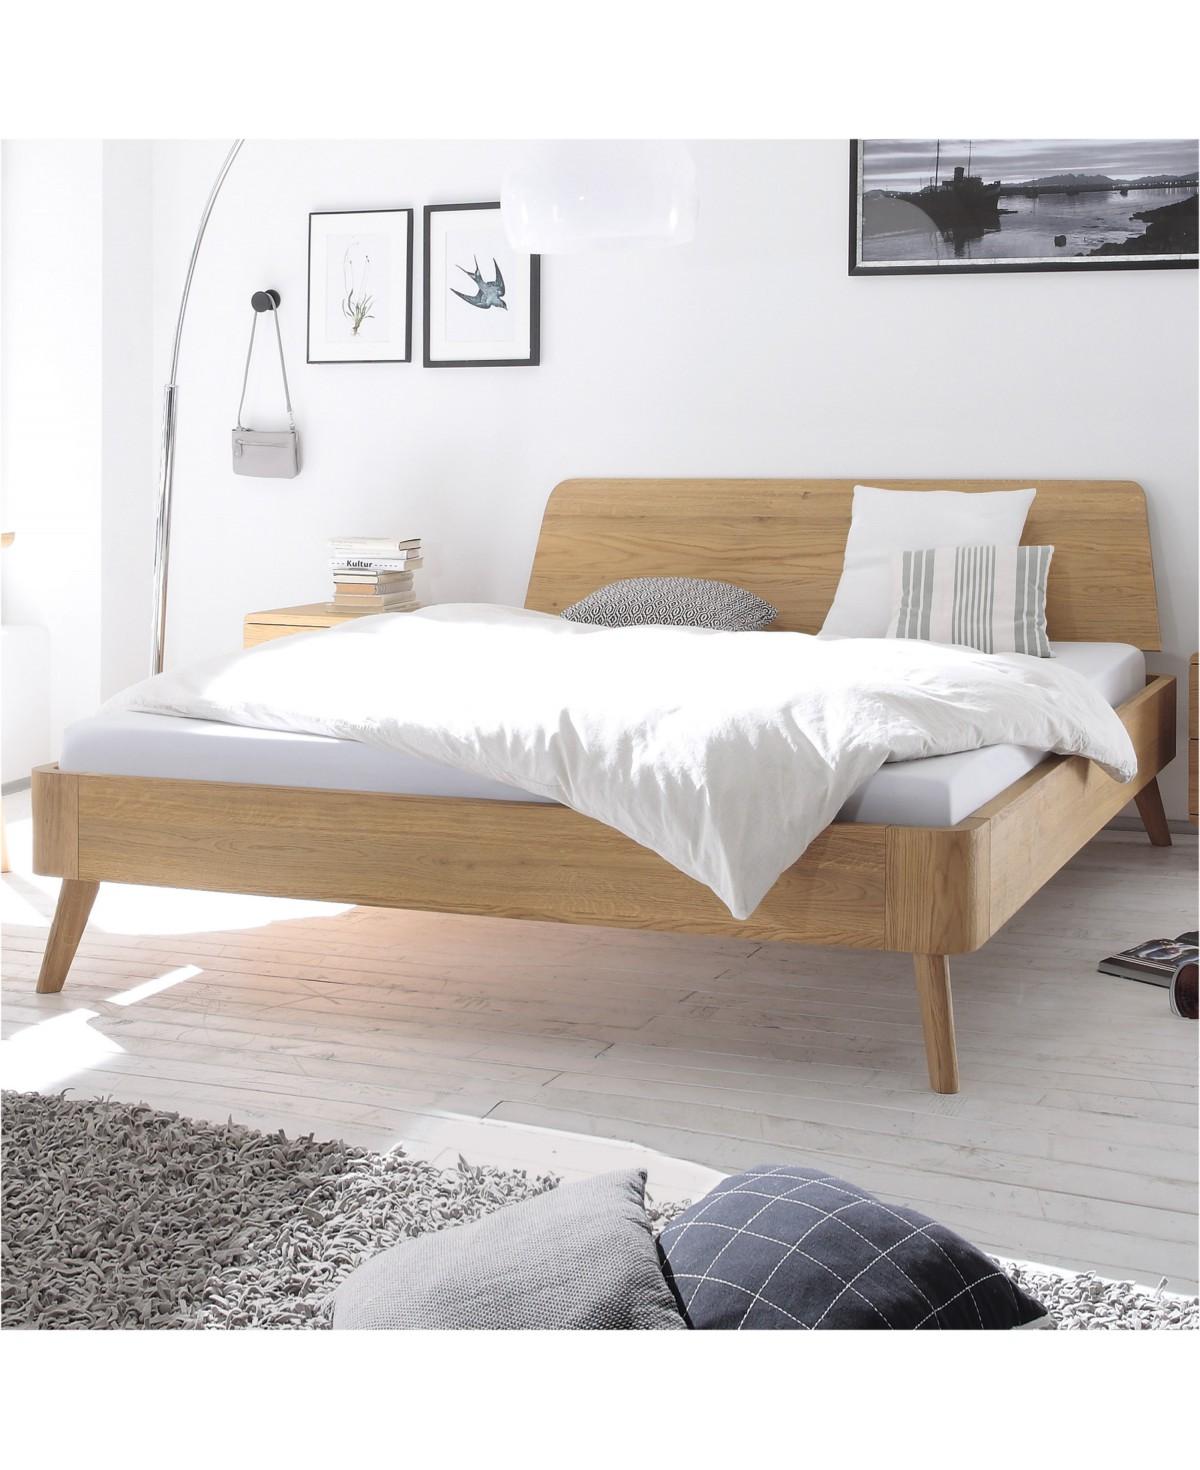 Full Size of Bettgestell 120x200 Bett Mit Bettkasten Matratze Und Lattenrost Weiß Betten Wohnzimmer Bettgestell 120x200